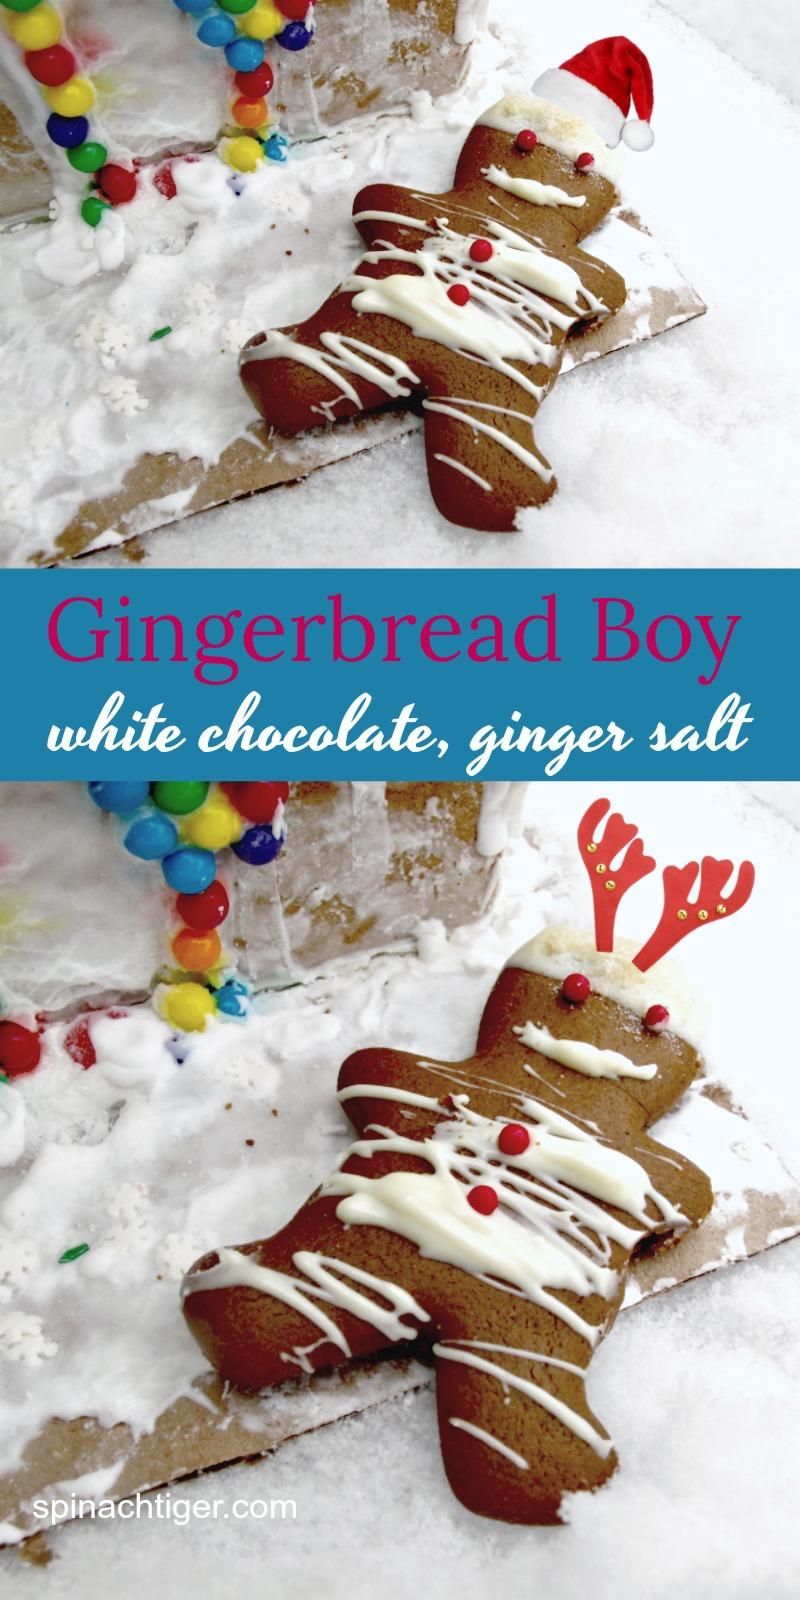 Gingerbread Boy with Ginger Salt